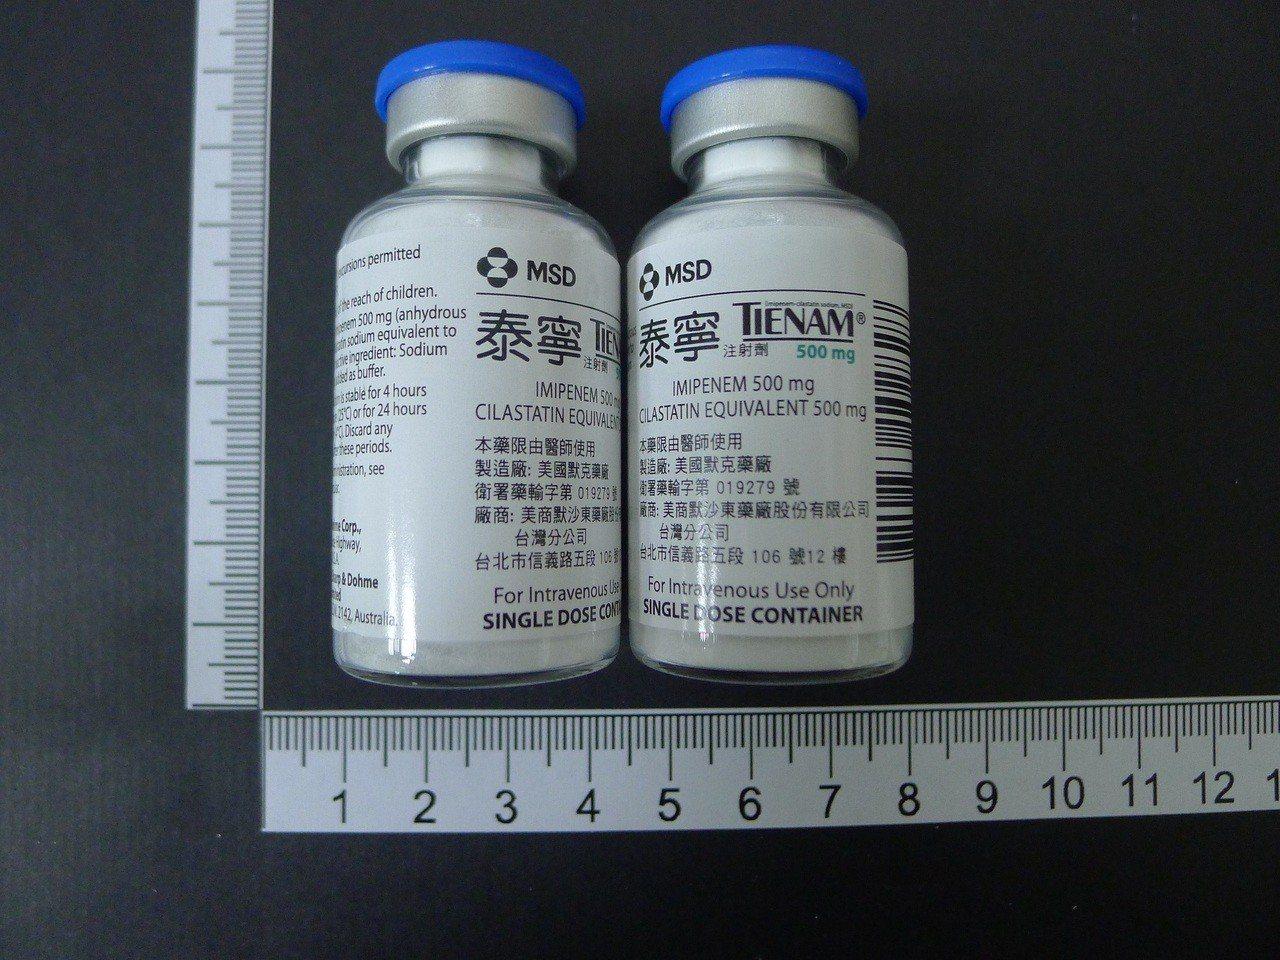 革蘭氏陰性菌最後一線用藥 泰寧4月起供貨至合約期滿